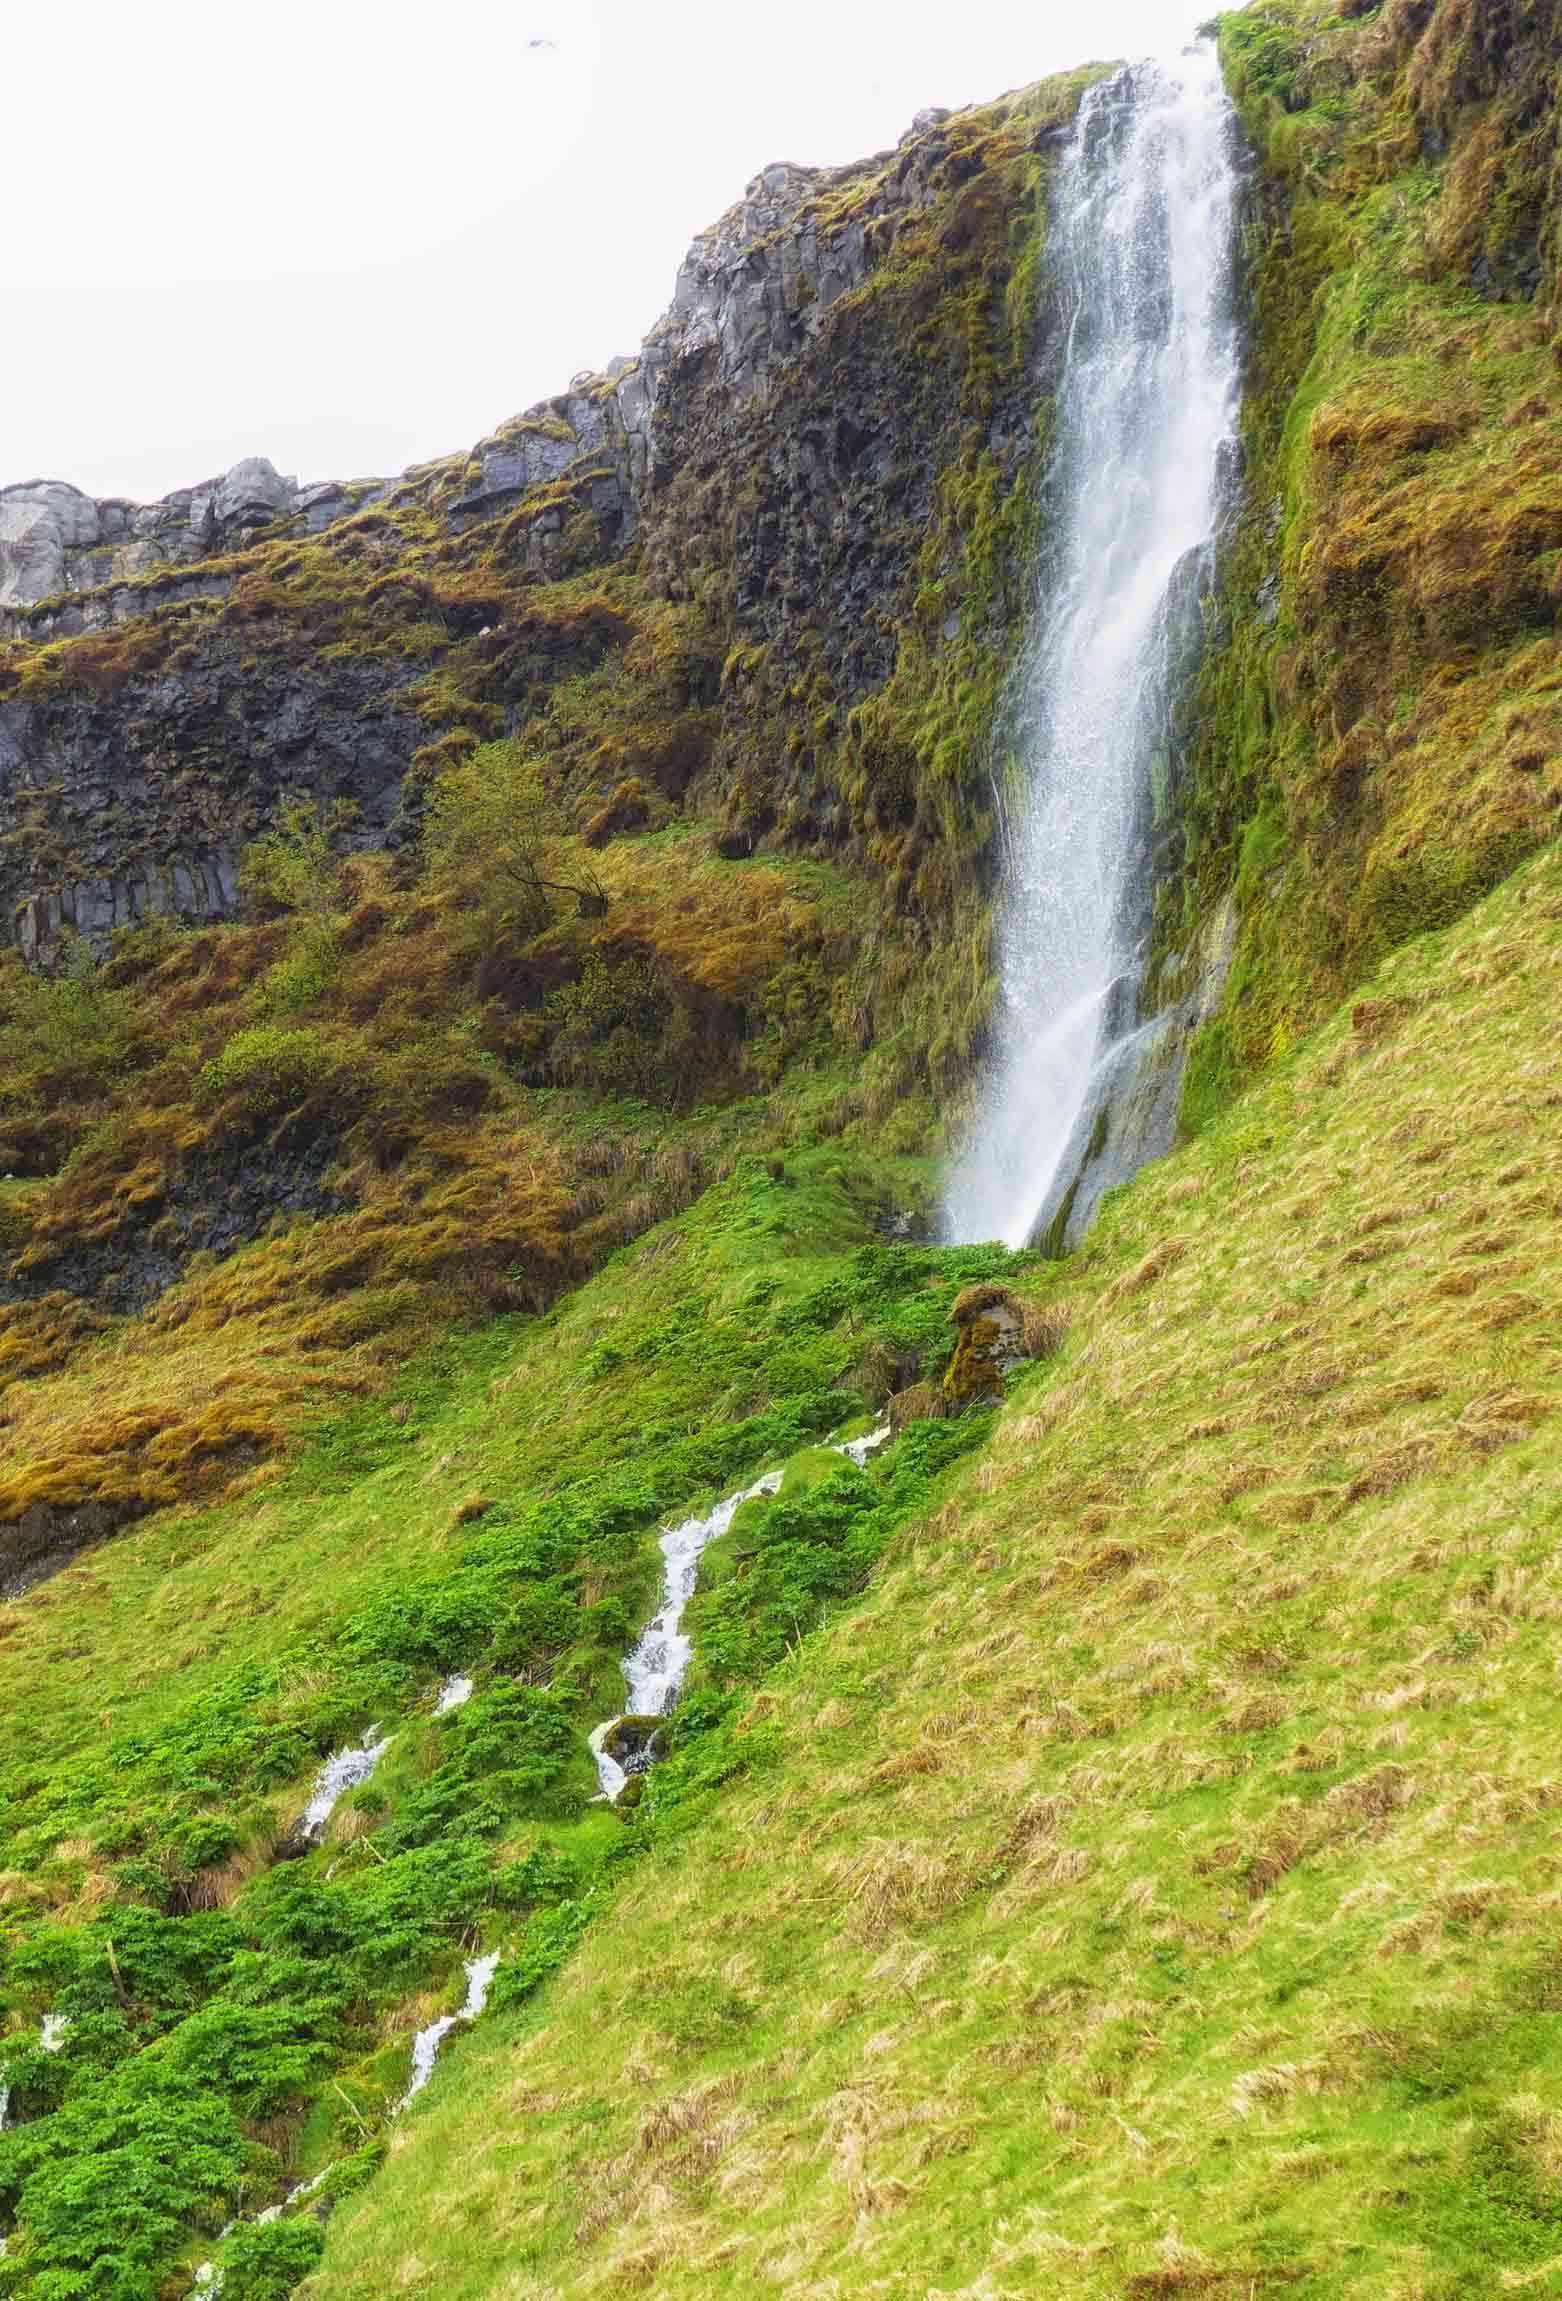 Slender veil-like waterfall